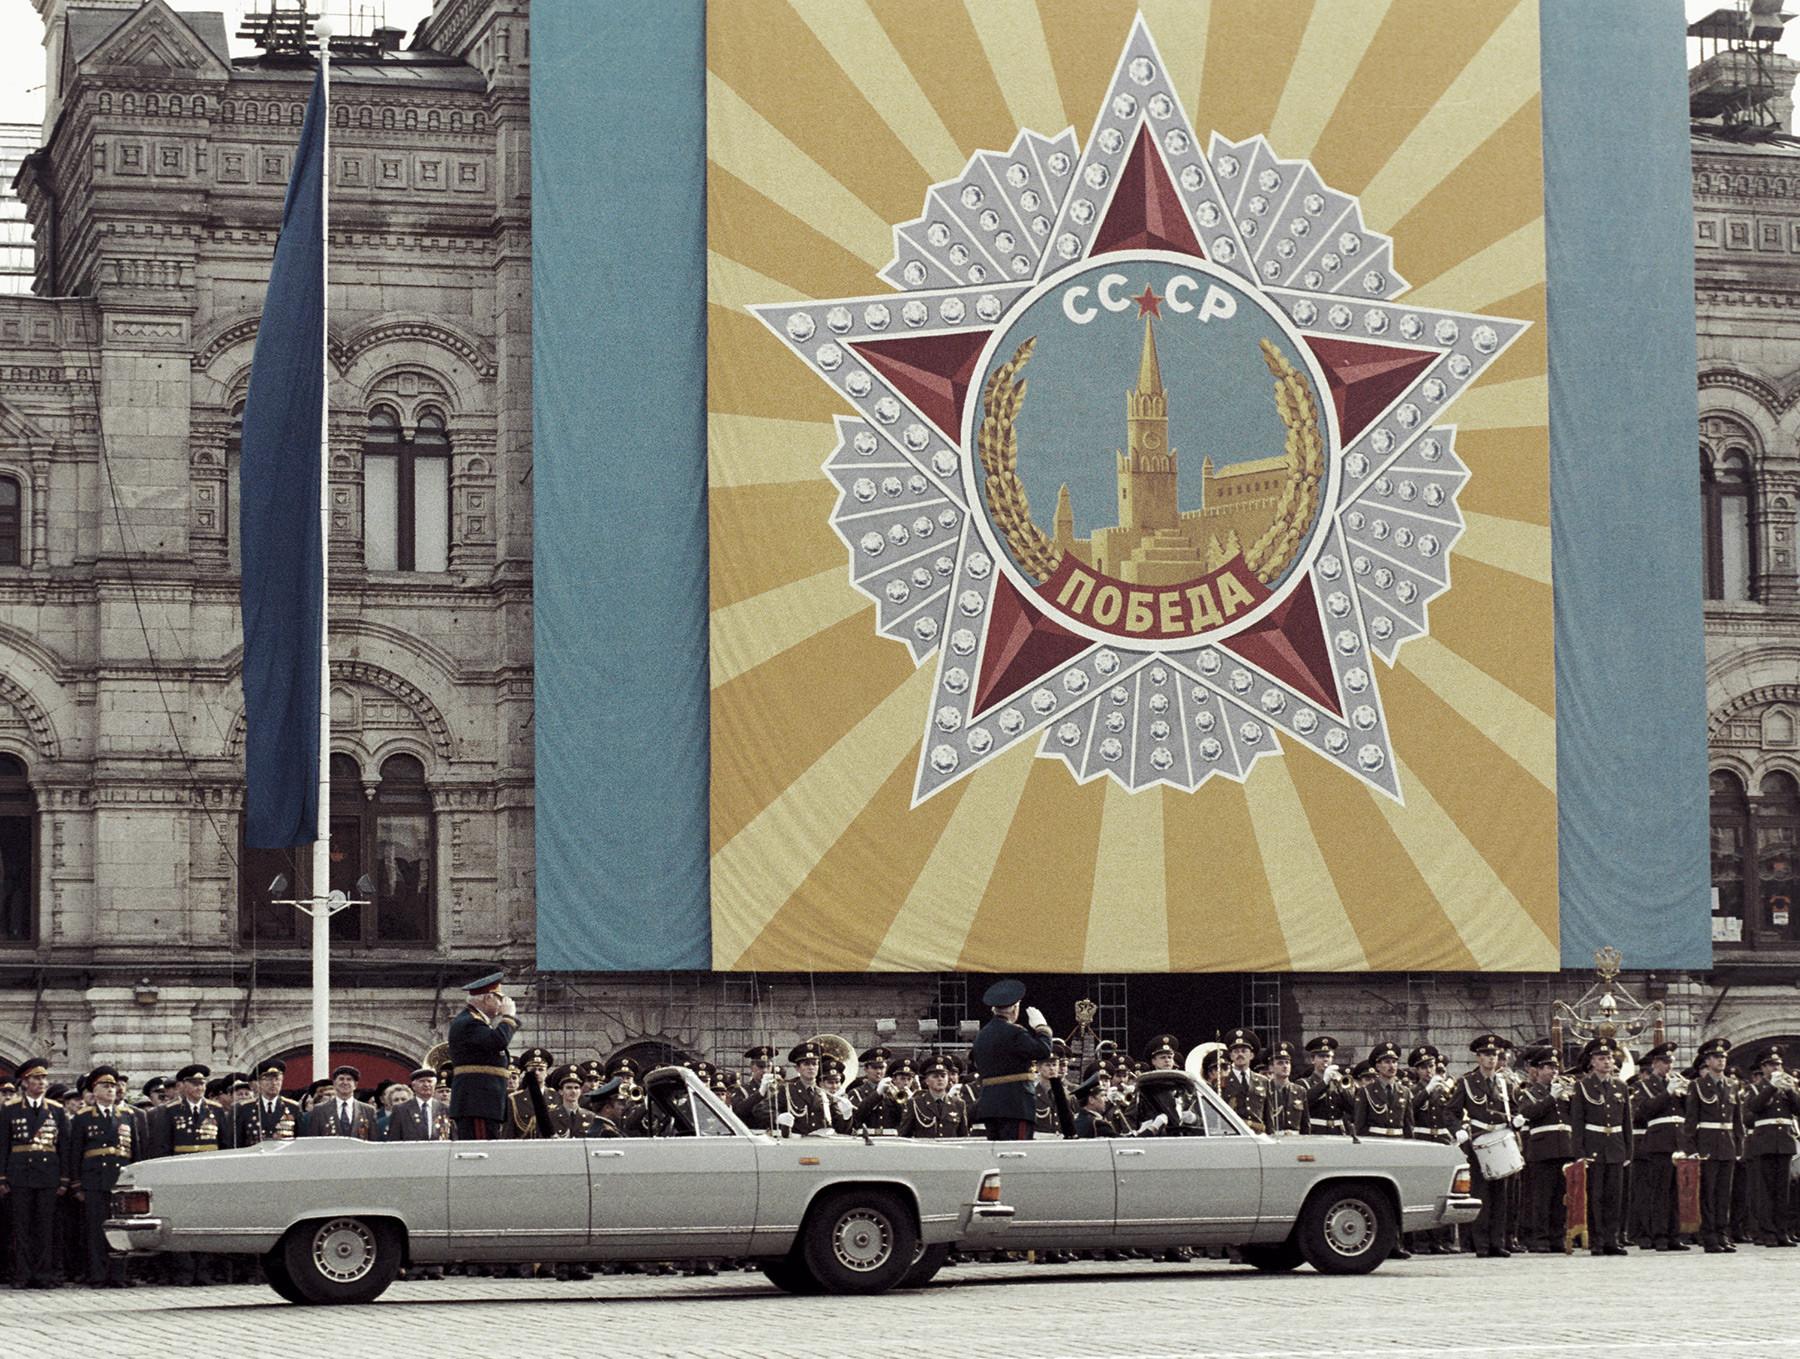 上級大将ウラジーミル・ゴヴォロフとソ連邦元帥ヴィクトル・クリコフ(車に乗っている)。50回戦勝記念日の軍事パレードにて。